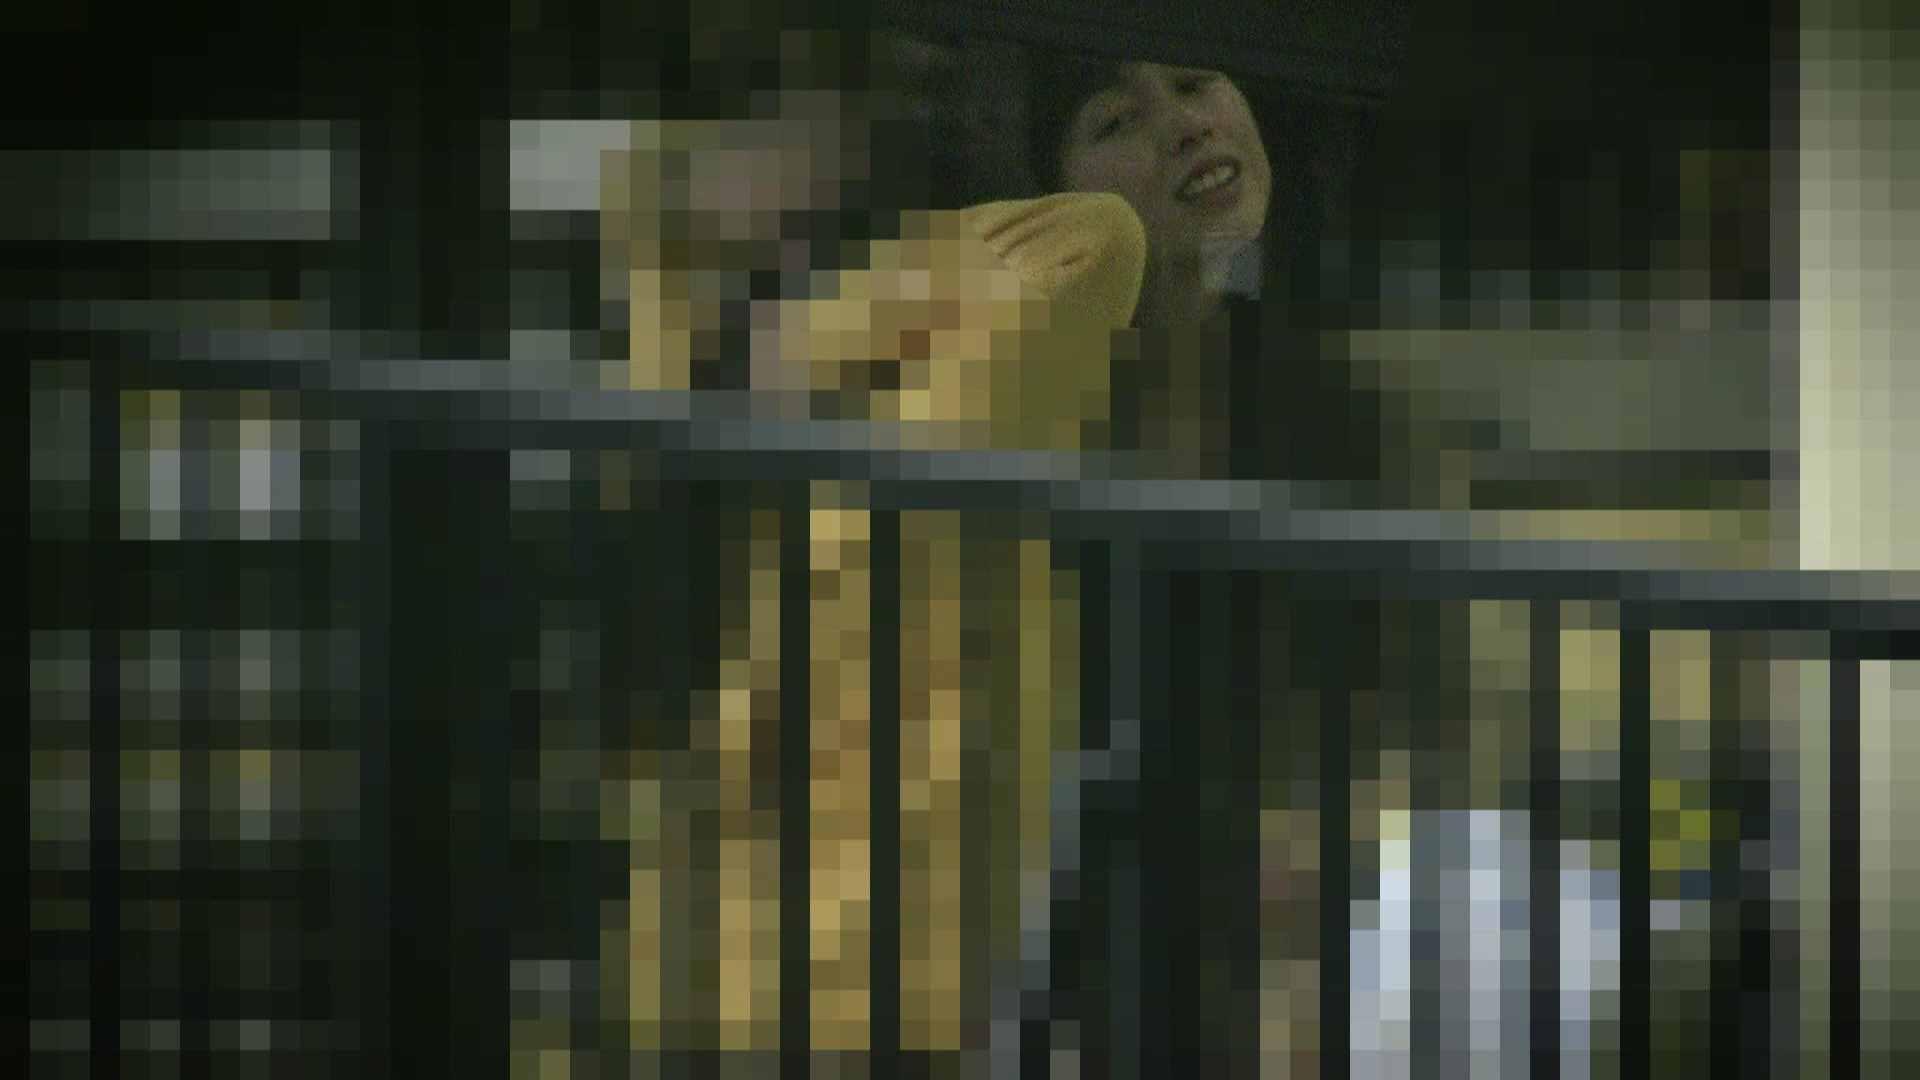 高画質露天女風呂観察 vol.006 露天風呂 | 入浴特集  9枚 7